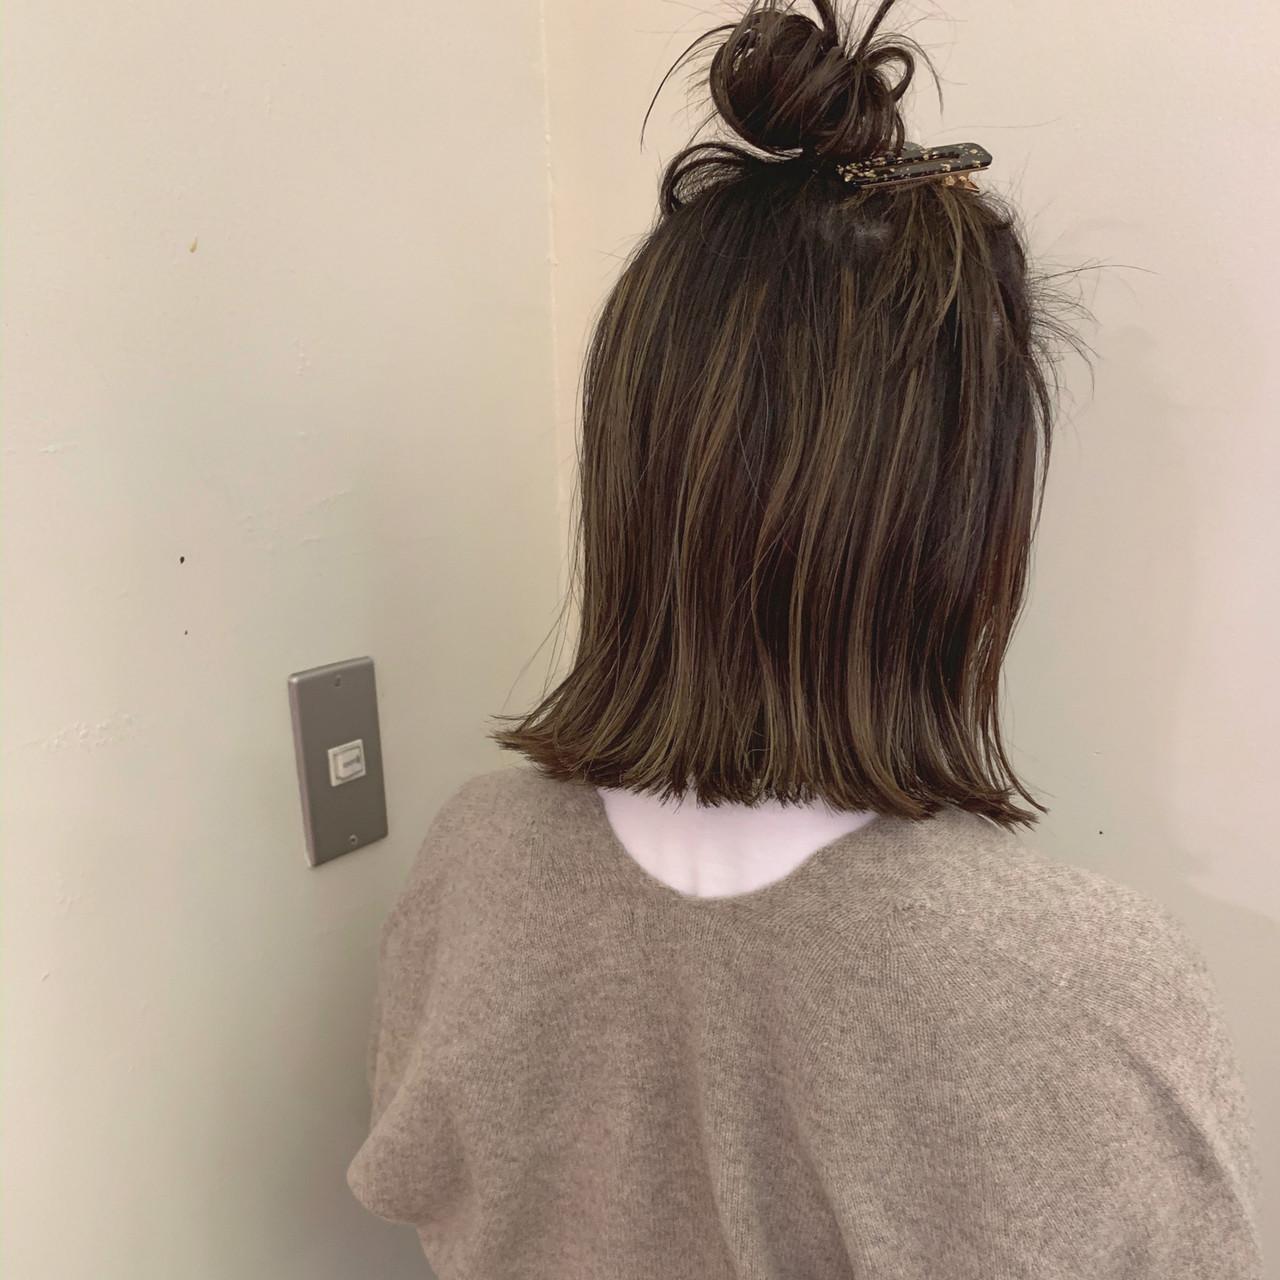 ナチュラル ゆるふわ 簡単ヘアアレンジ ボブ ヘアスタイルや髪型の写真・画像 | yumiko/sapporoSKNOW / SKNOW